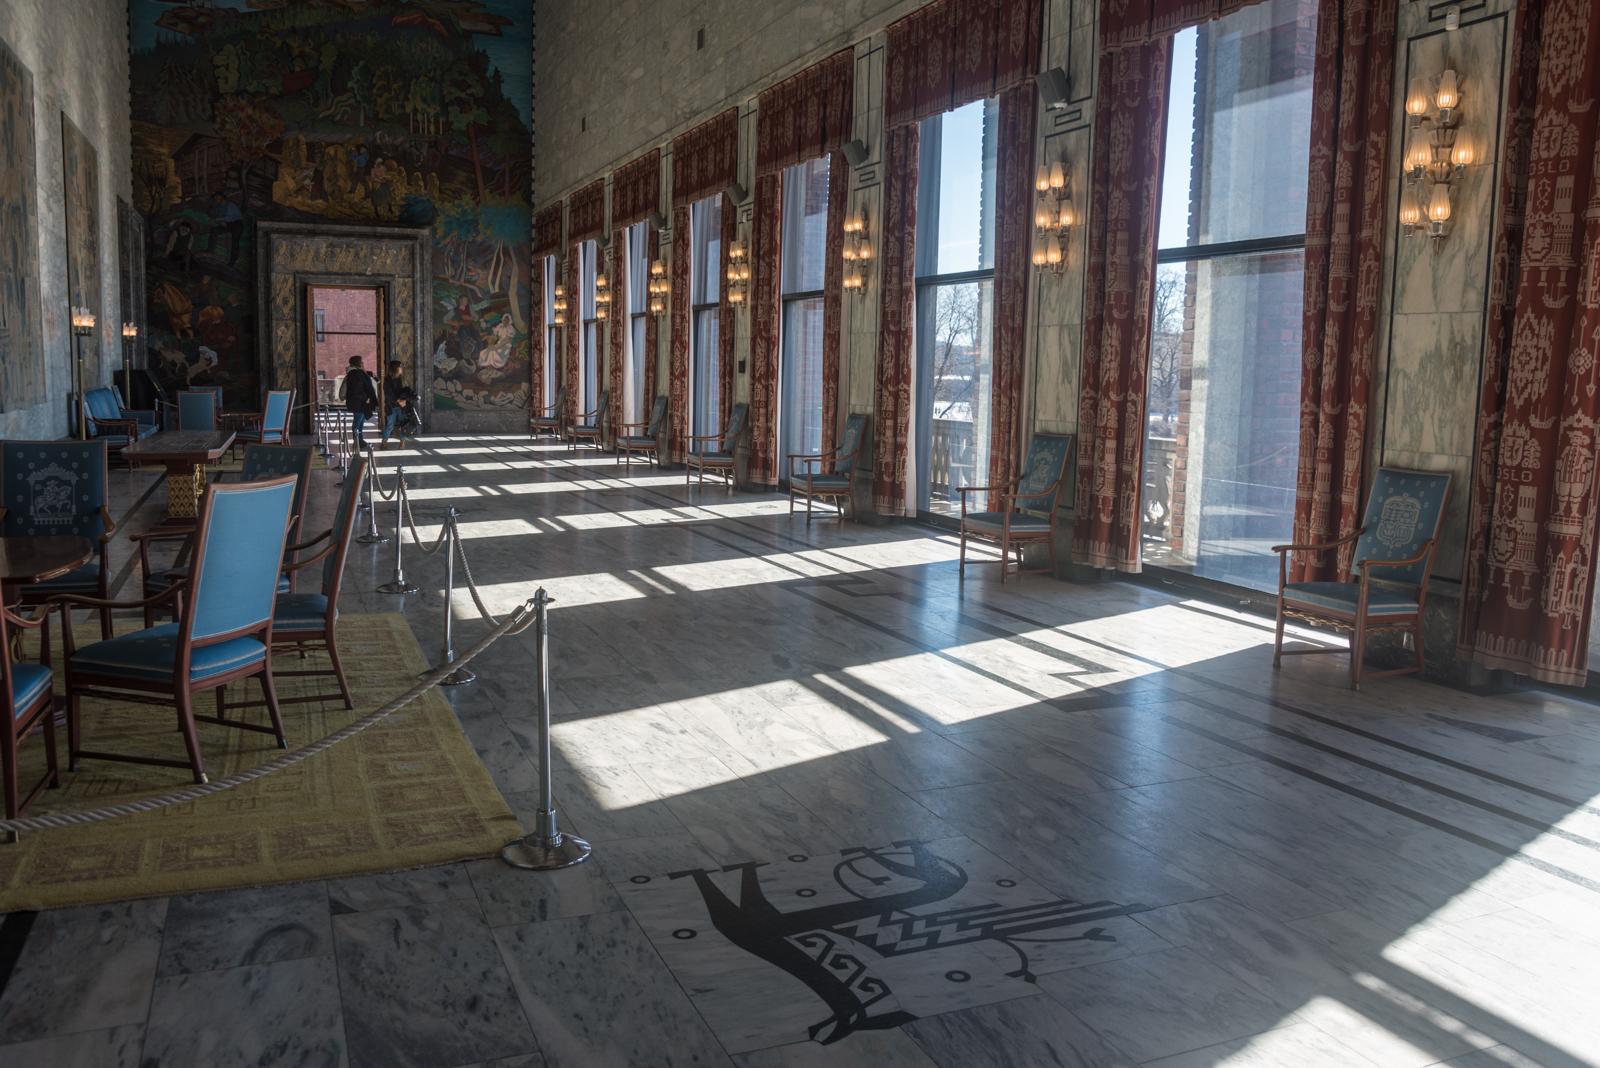 Municipio di Oslo sala interna